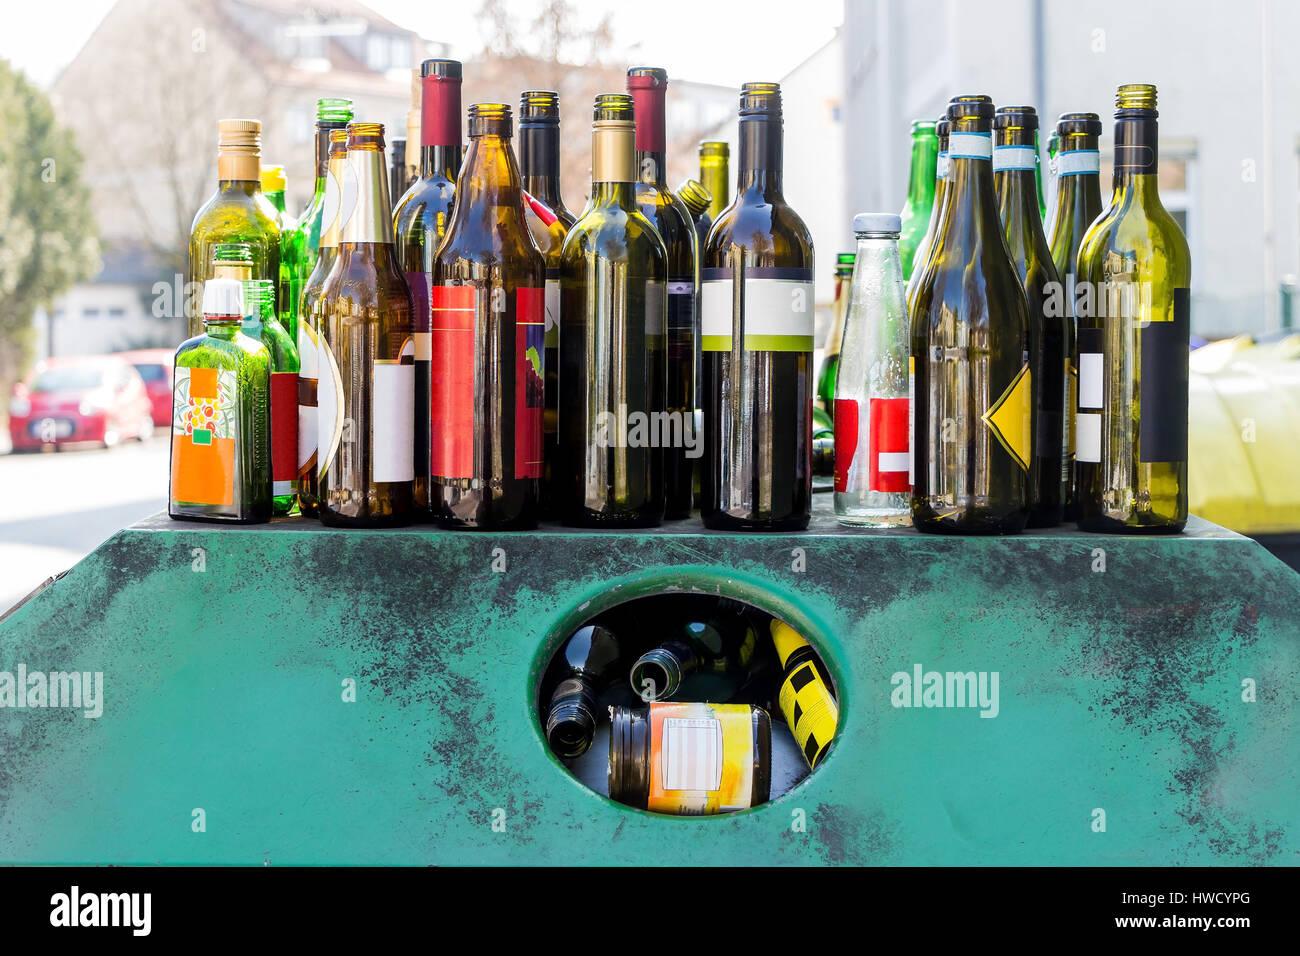 A collective container for old glass is overcrowded., Ein Sammelbehälter für Altglas ist überfüllt. Stock Photo